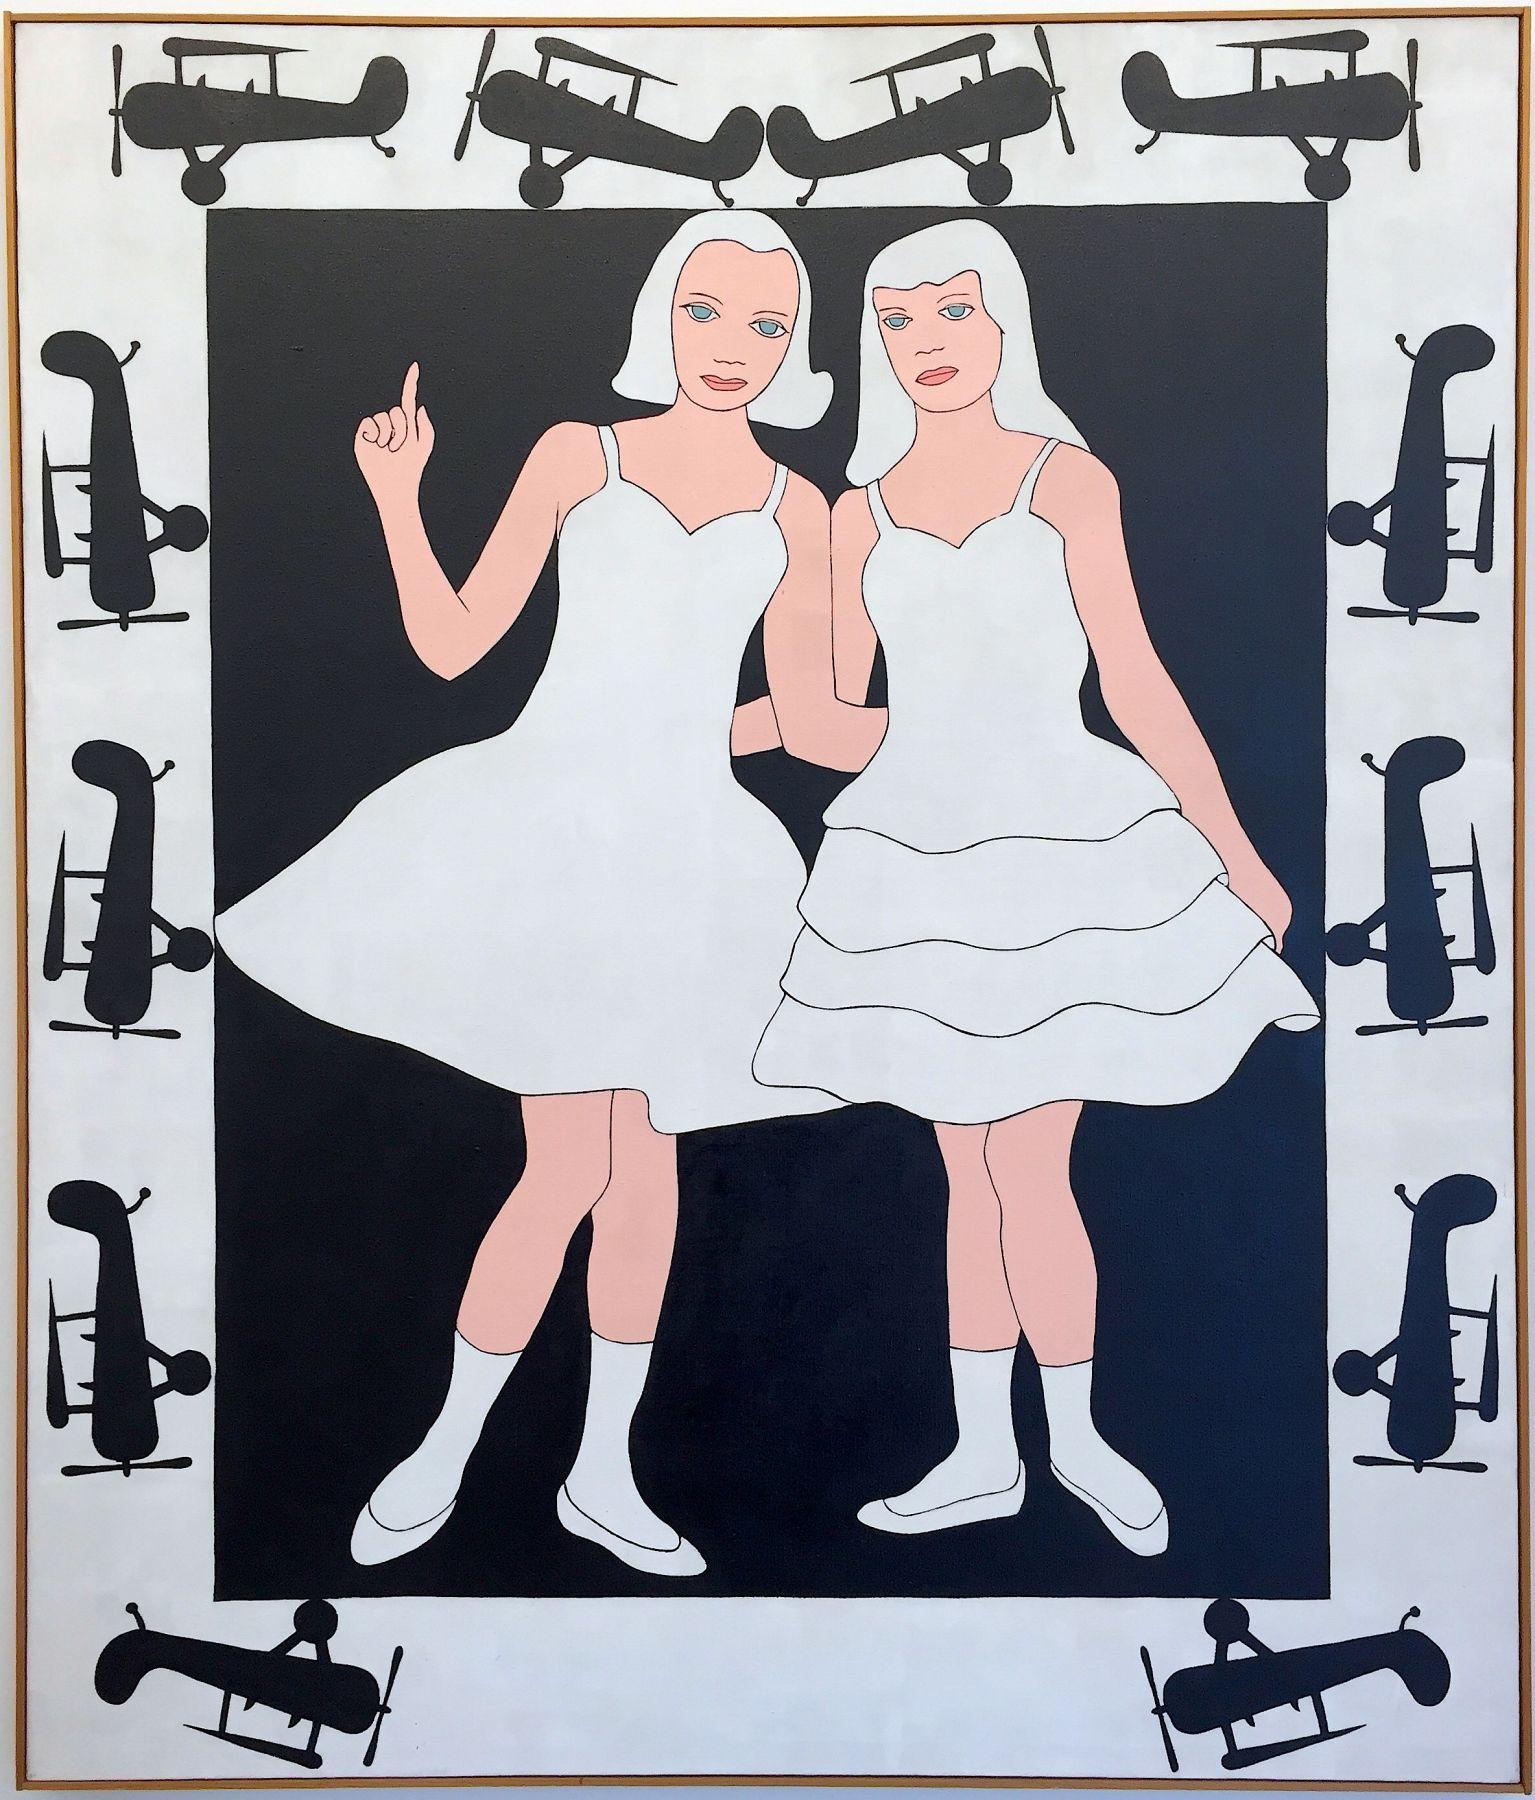 JOHN WESLEY, The Aviator's Daughters,1963